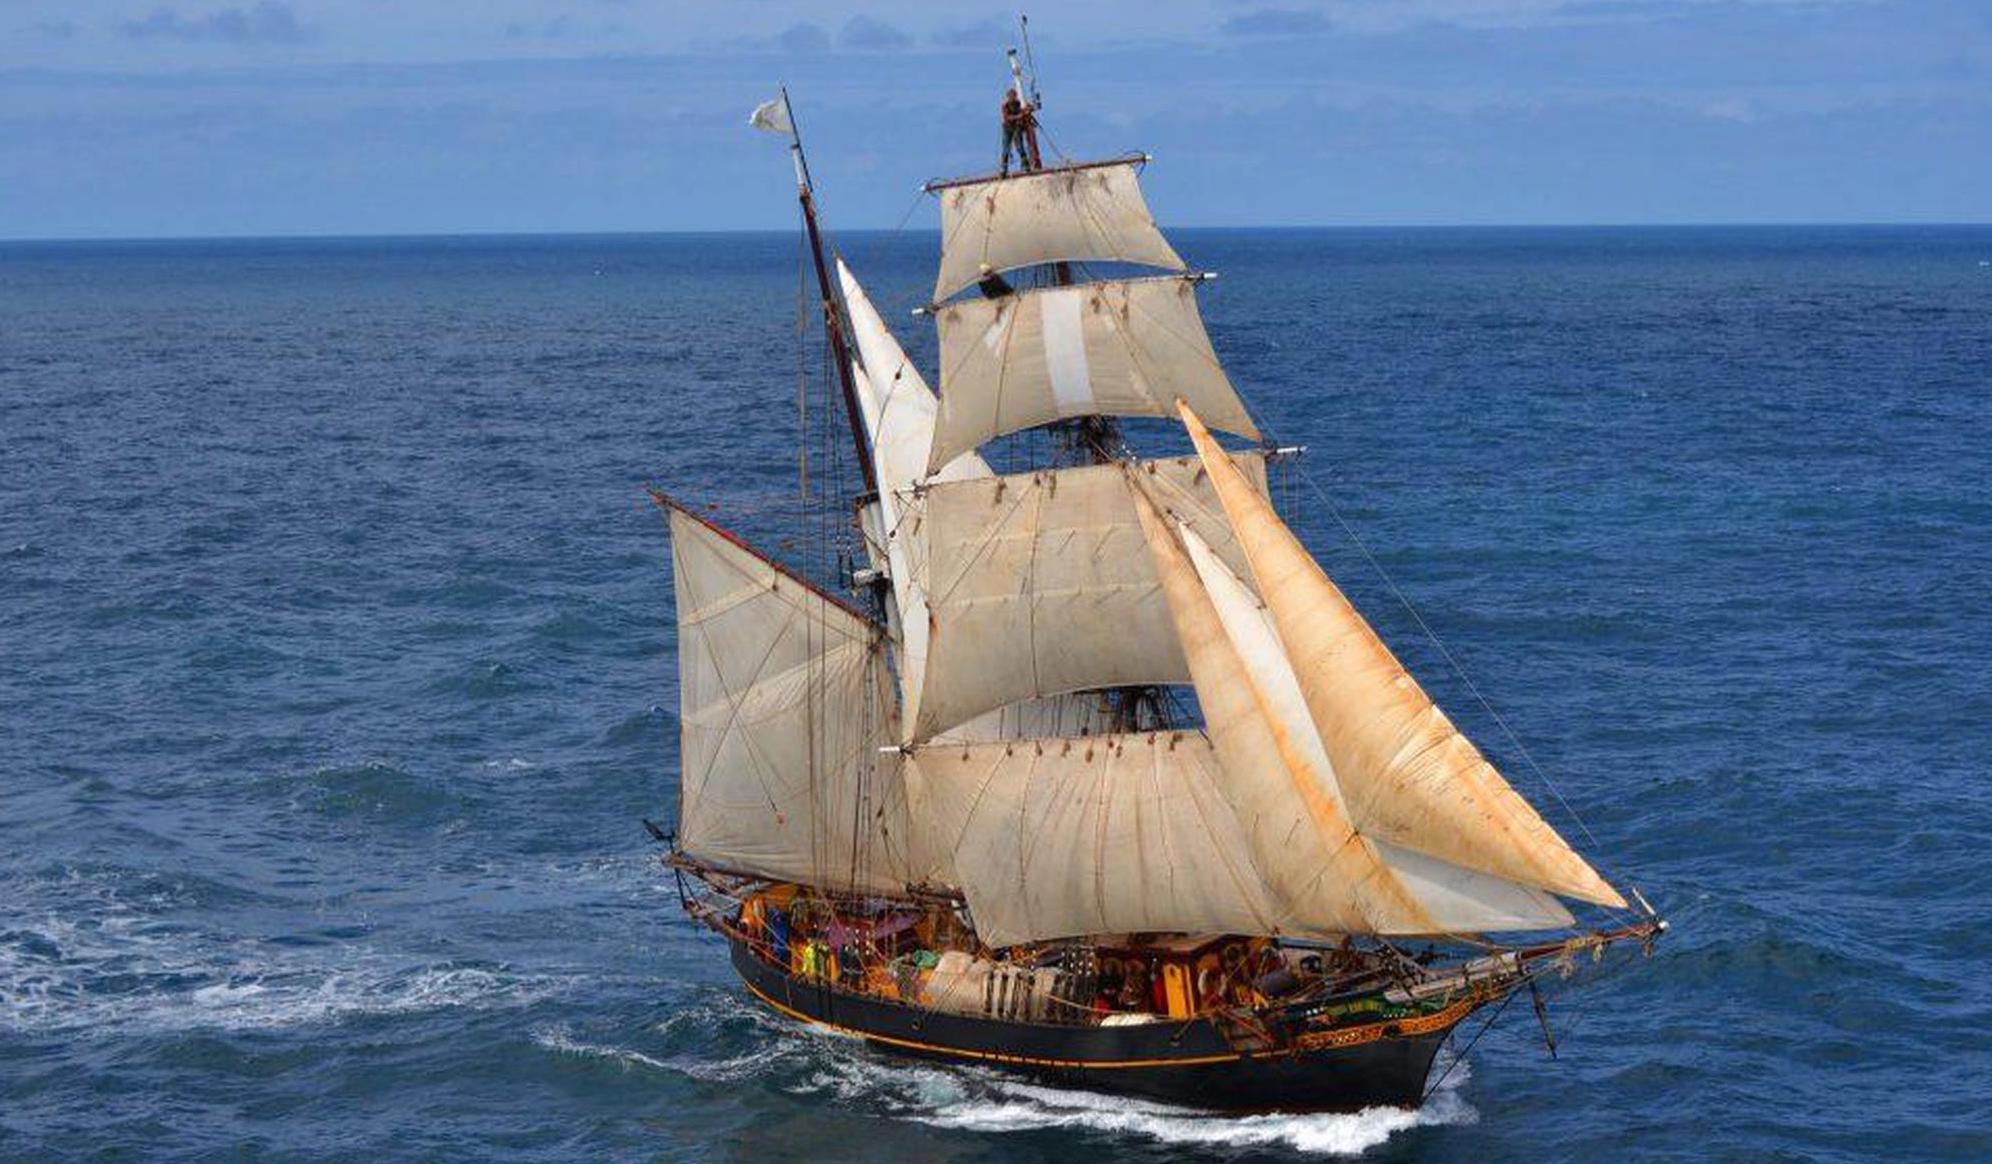 Die Briganntine «Tres Hombres» wurde von drei Freunden zu einem Frachtsegler umgebaut. Fairtransport.eu